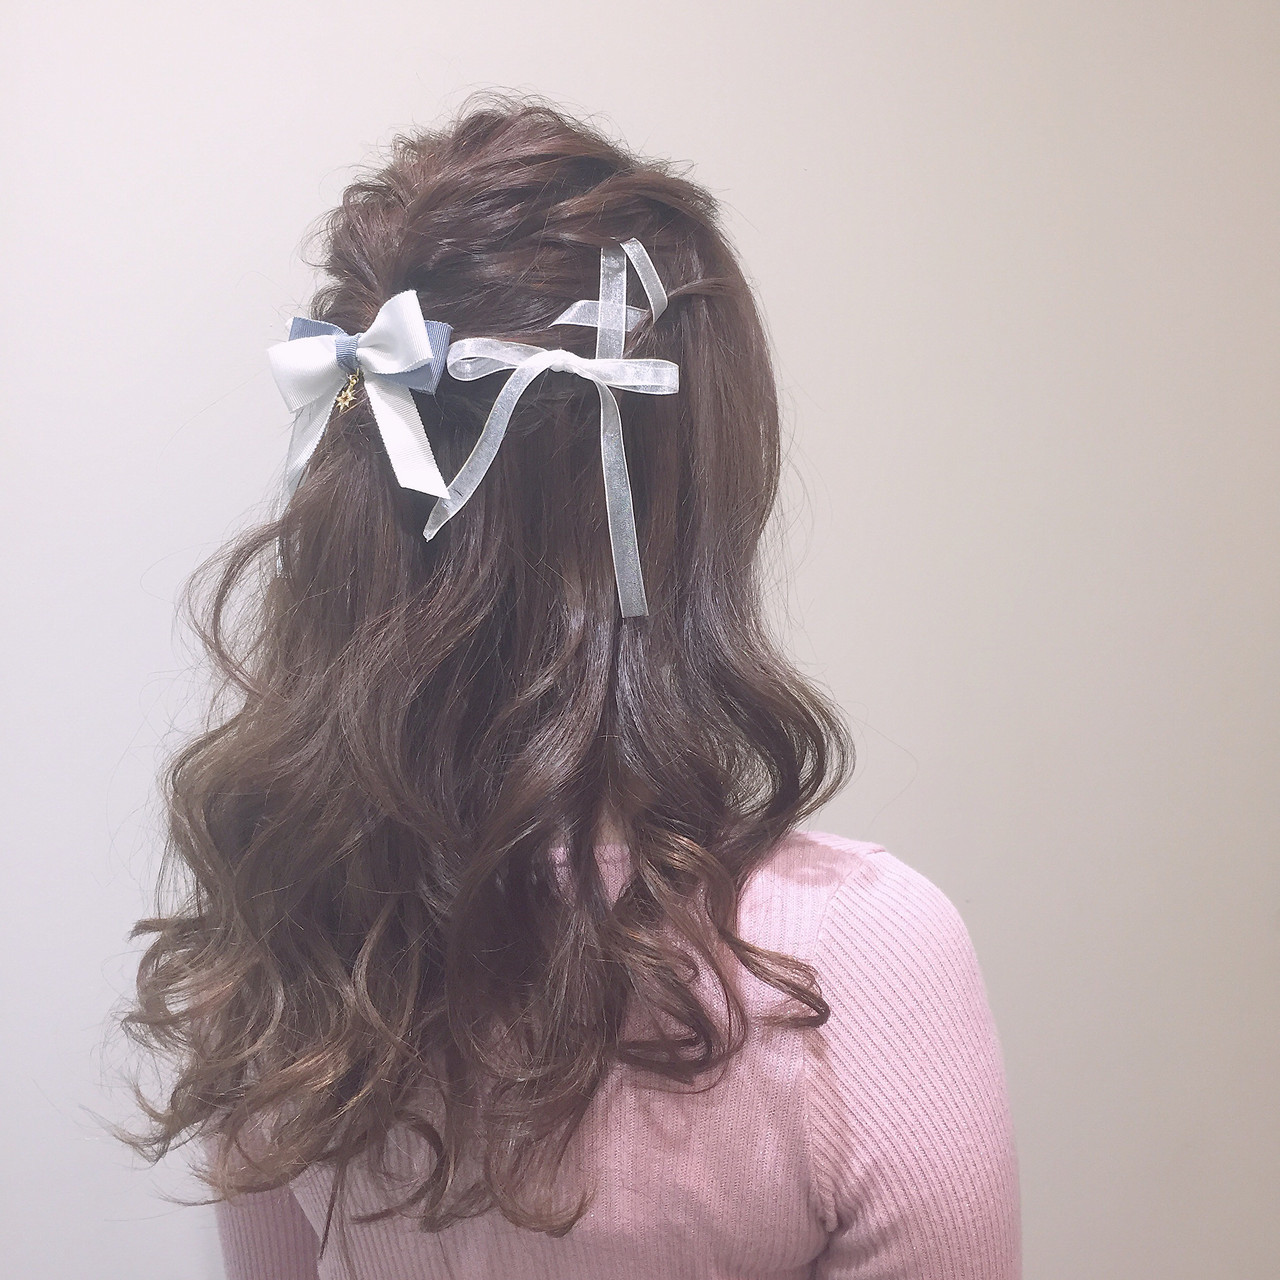 ヘアアレンジ ロング ガーリー ヘアメイク ヘアスタイルや髪型の写真・画像